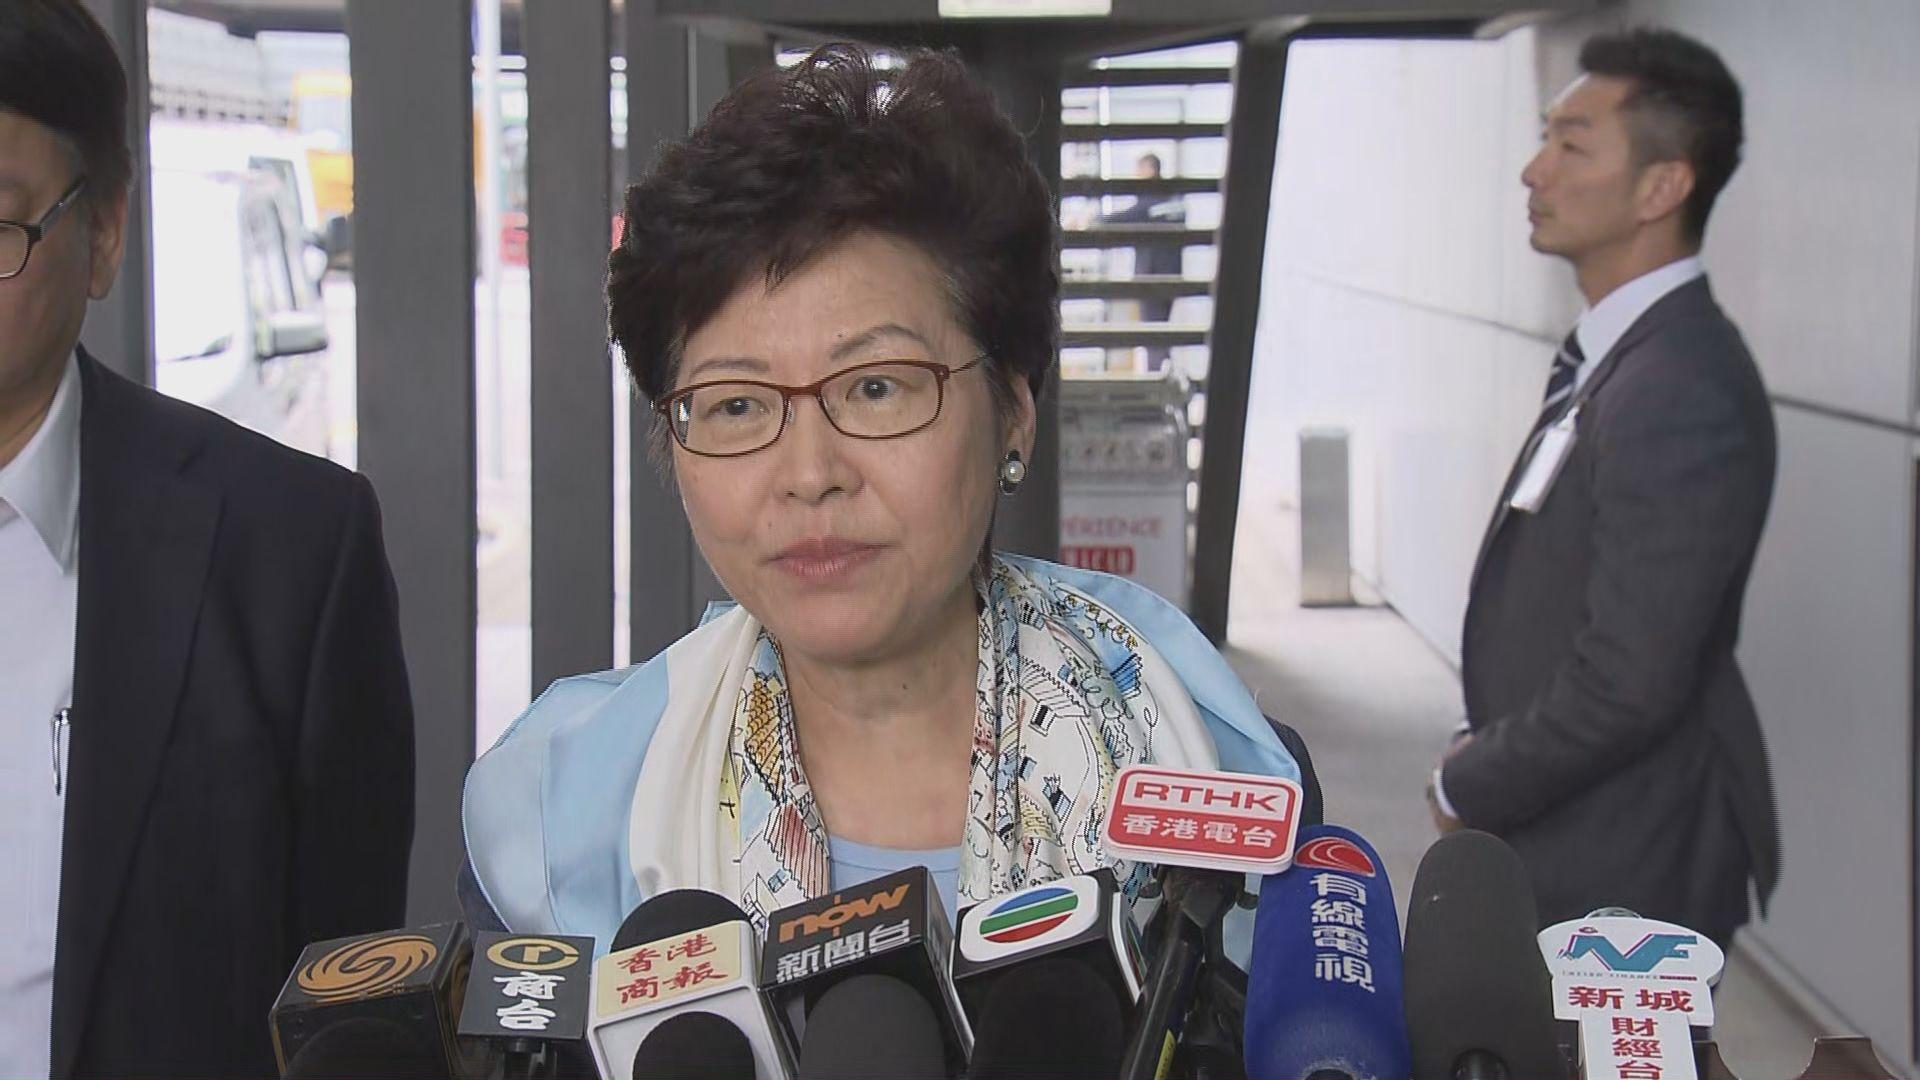 林鄭:申領內地居住證措施具突破性料受歡迎